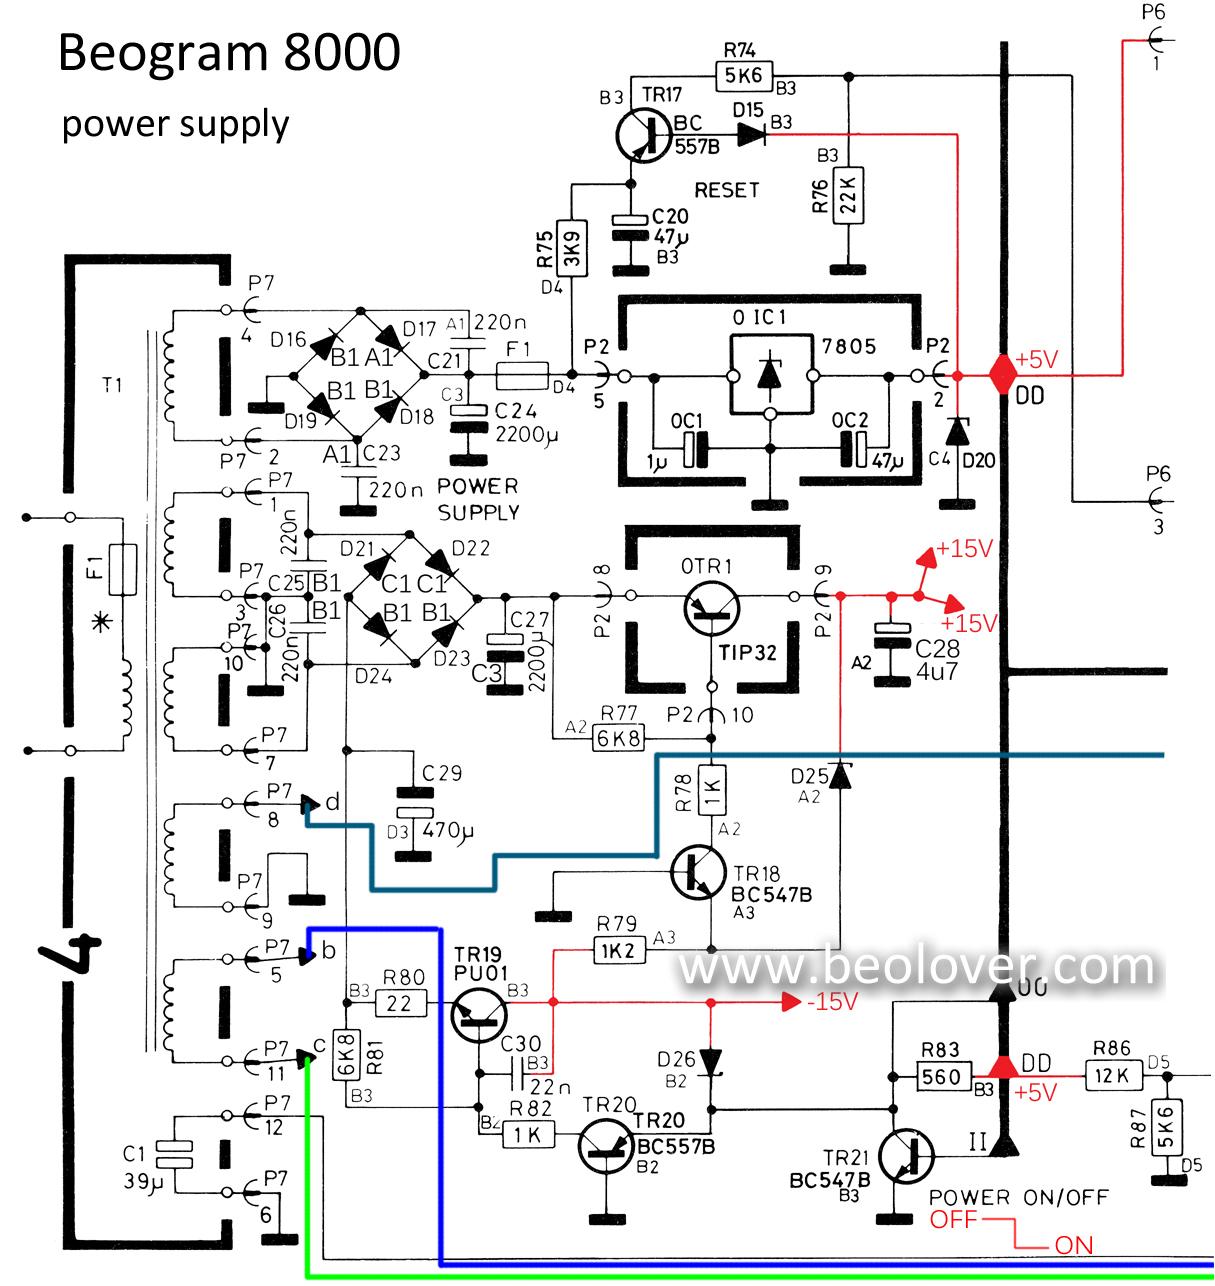 Tolle Rotork Schaltpläne Bilder - Elektrische Schaltplan-Ideen ...